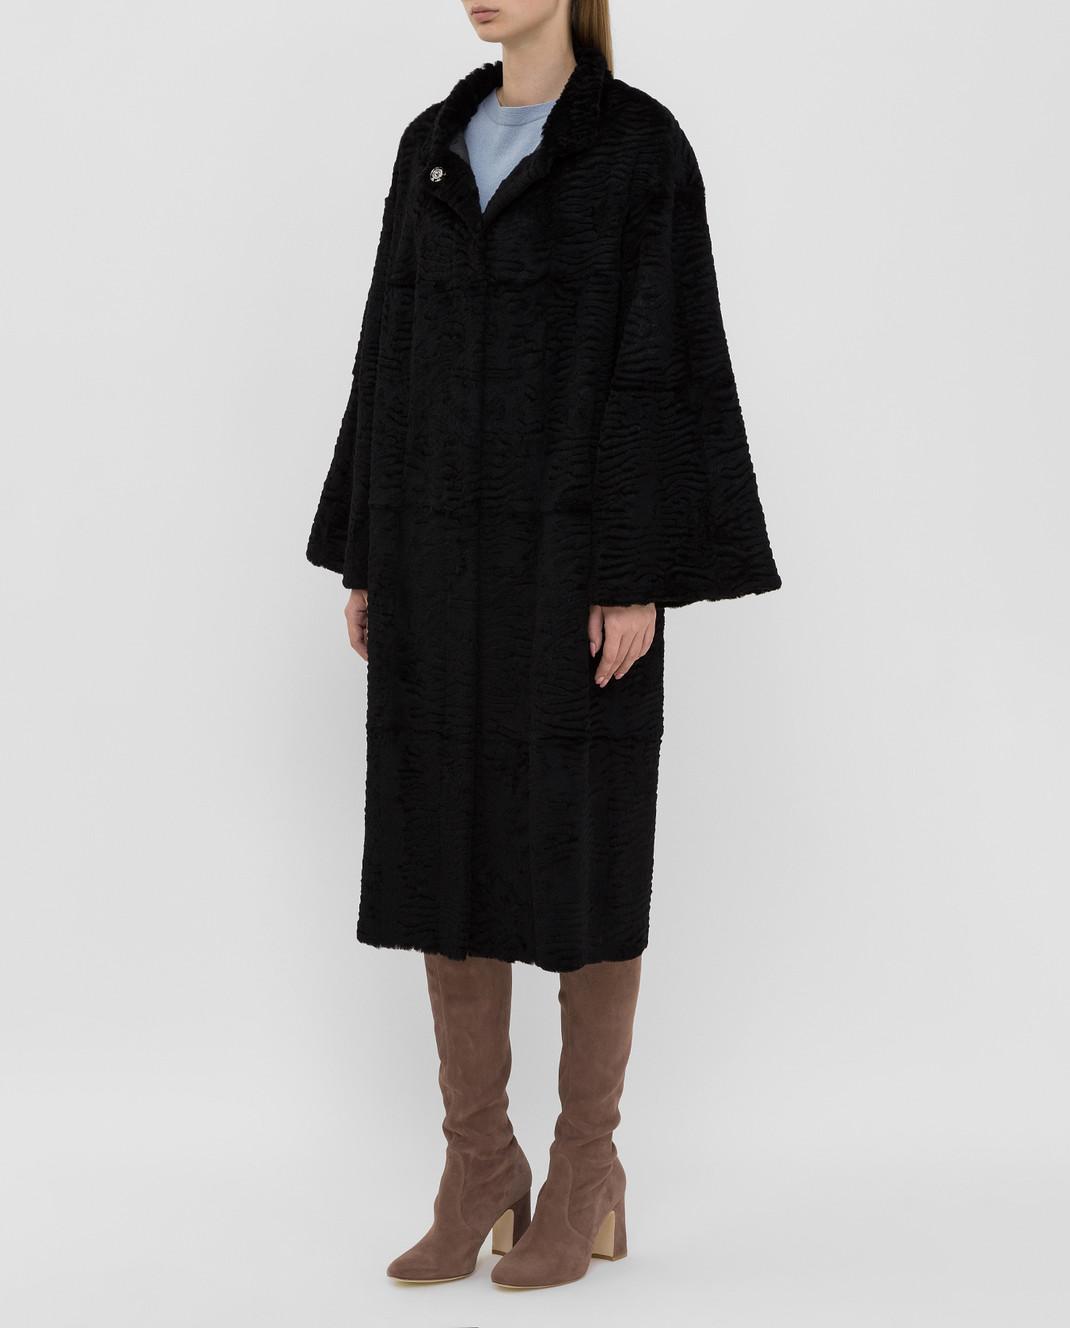 Giuliana Teso Черное пальто из меха кролика изображение 3